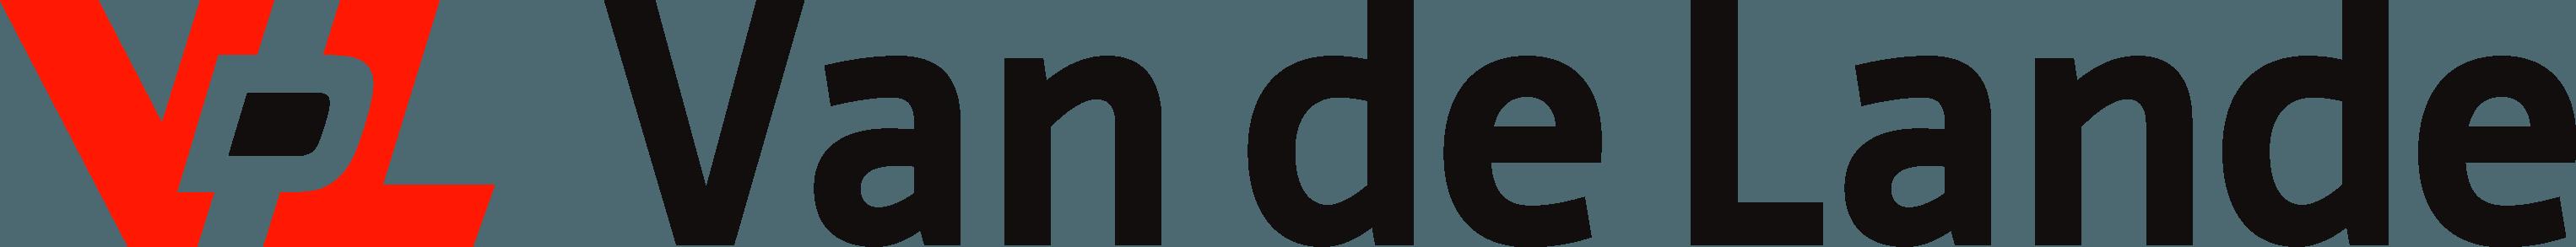 vandelande_logo